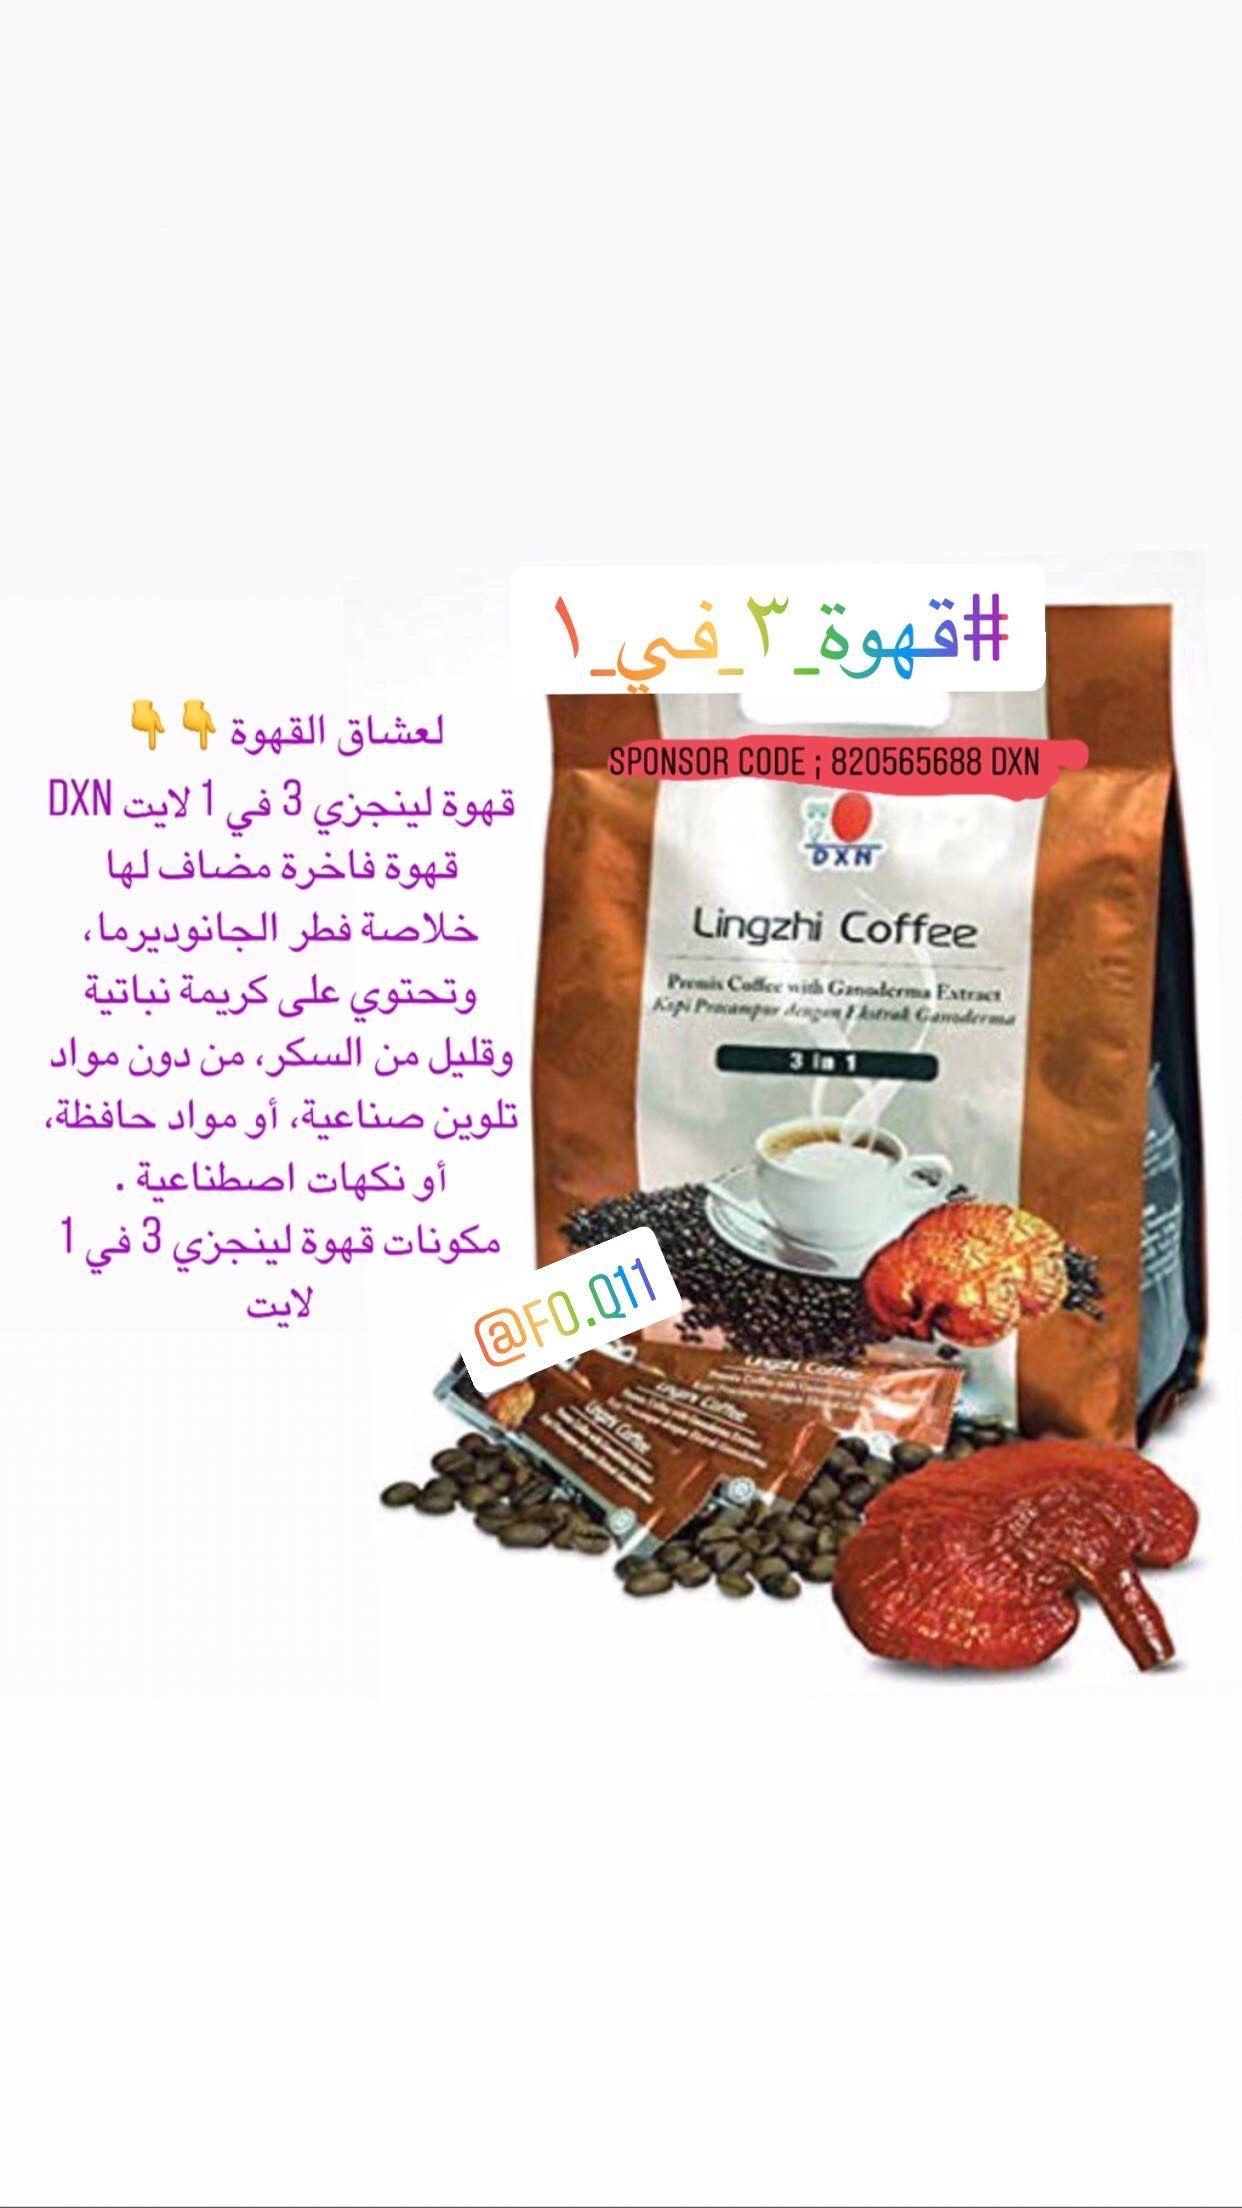 الحمدلله Fo Q11 Instagram Photos And Videos Instagram Food Photo And Video